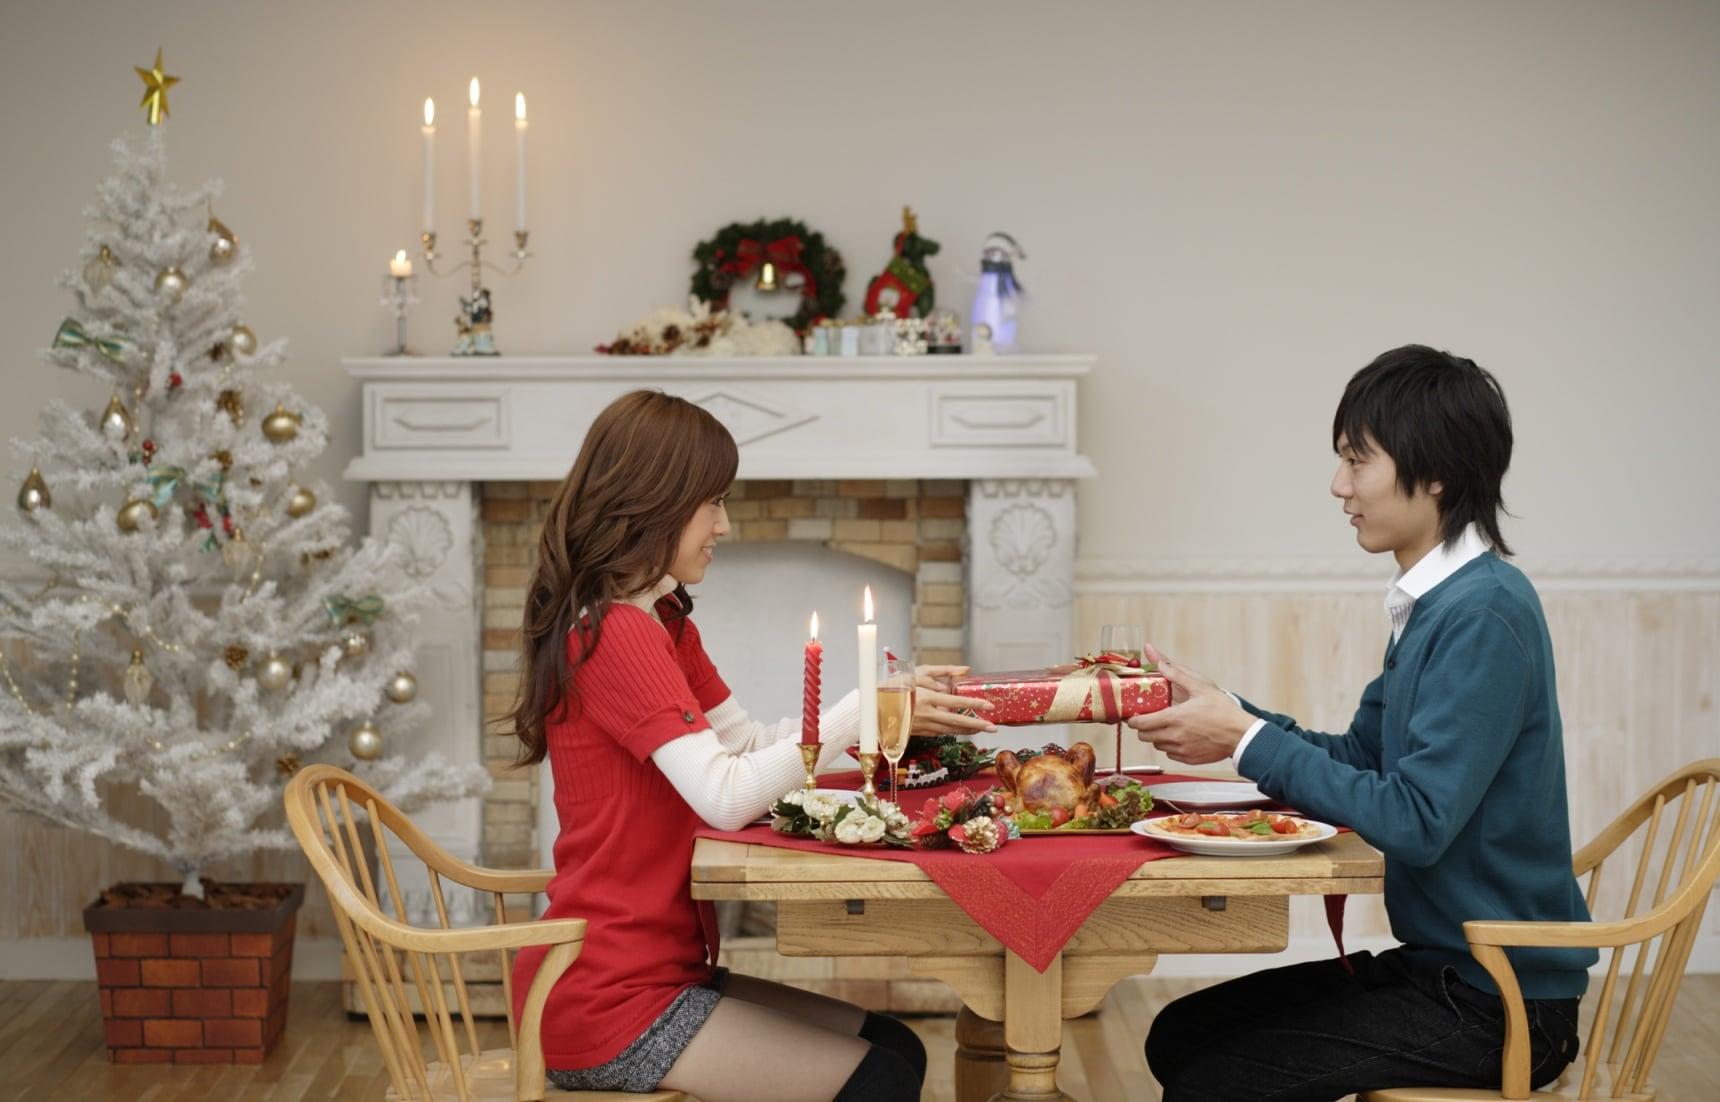 6 ของขวัญคริสต์มาสคู่รักญี่ปุ่นยอดฮิตปี 2016